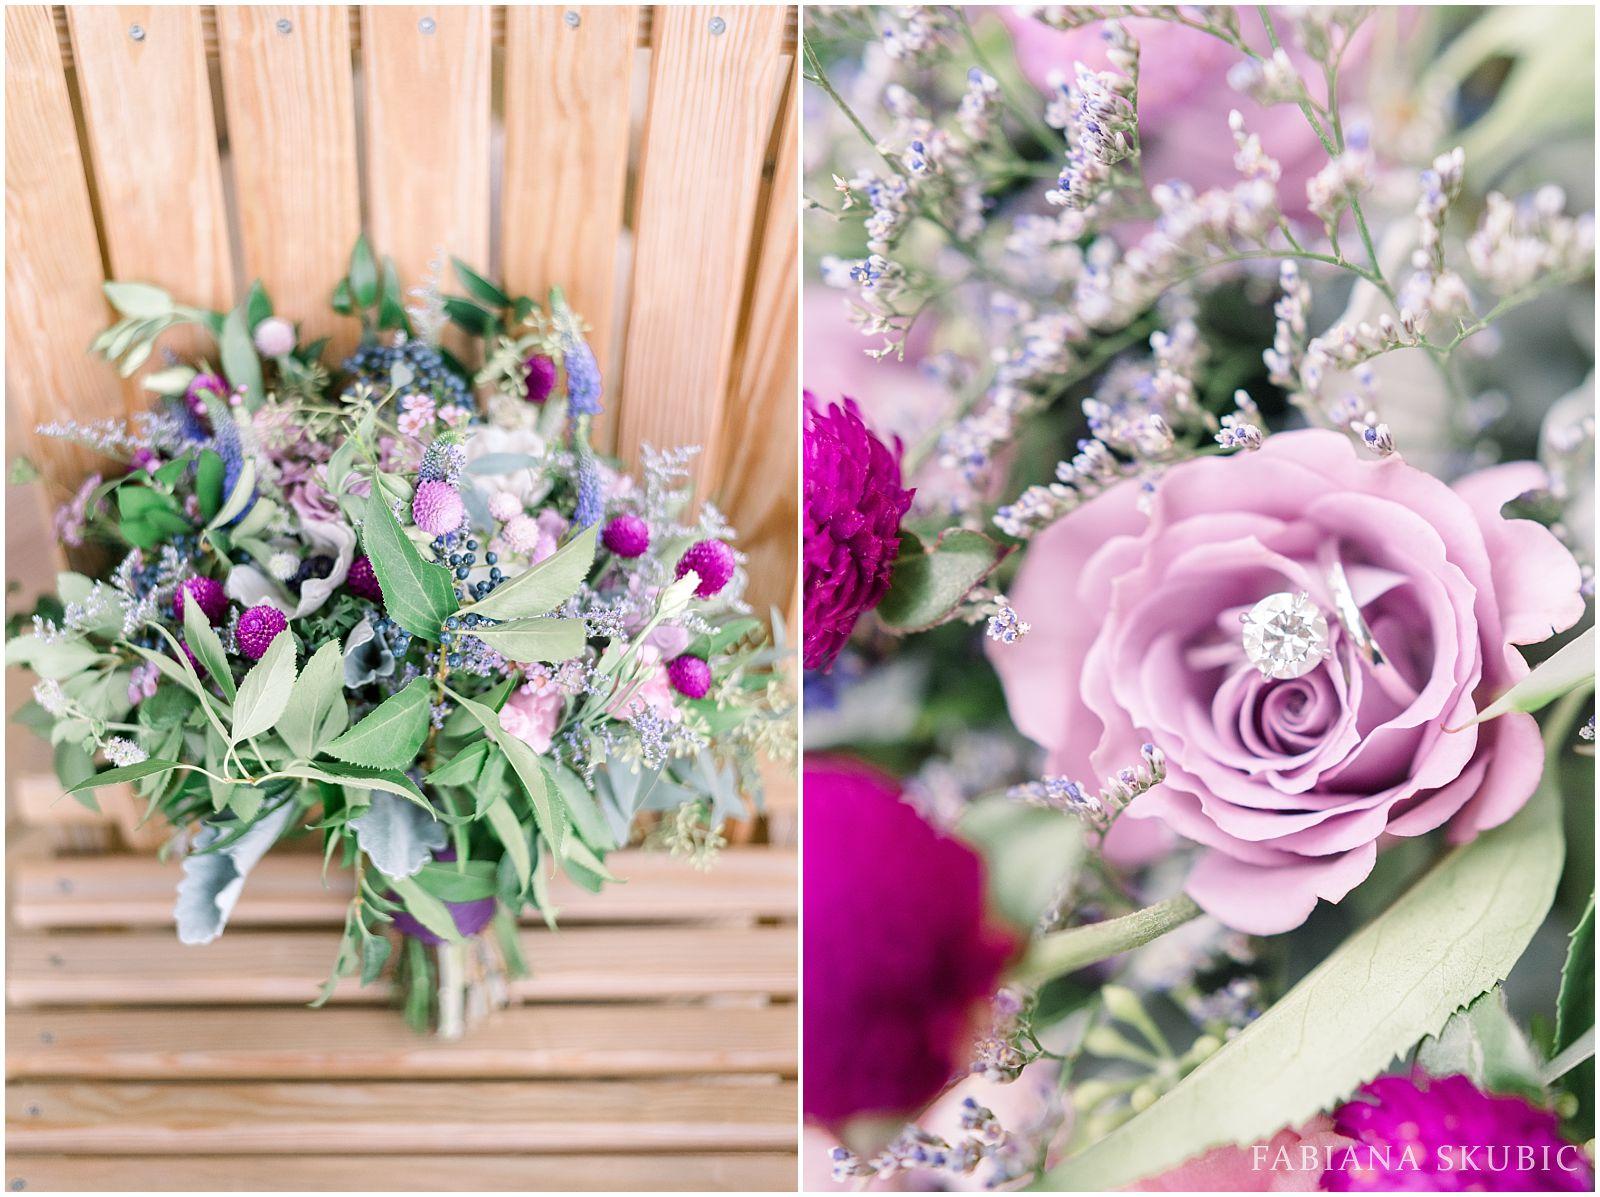 FabianaSkubic_J&M_FullMoonResort_Wedding_0004.jpg